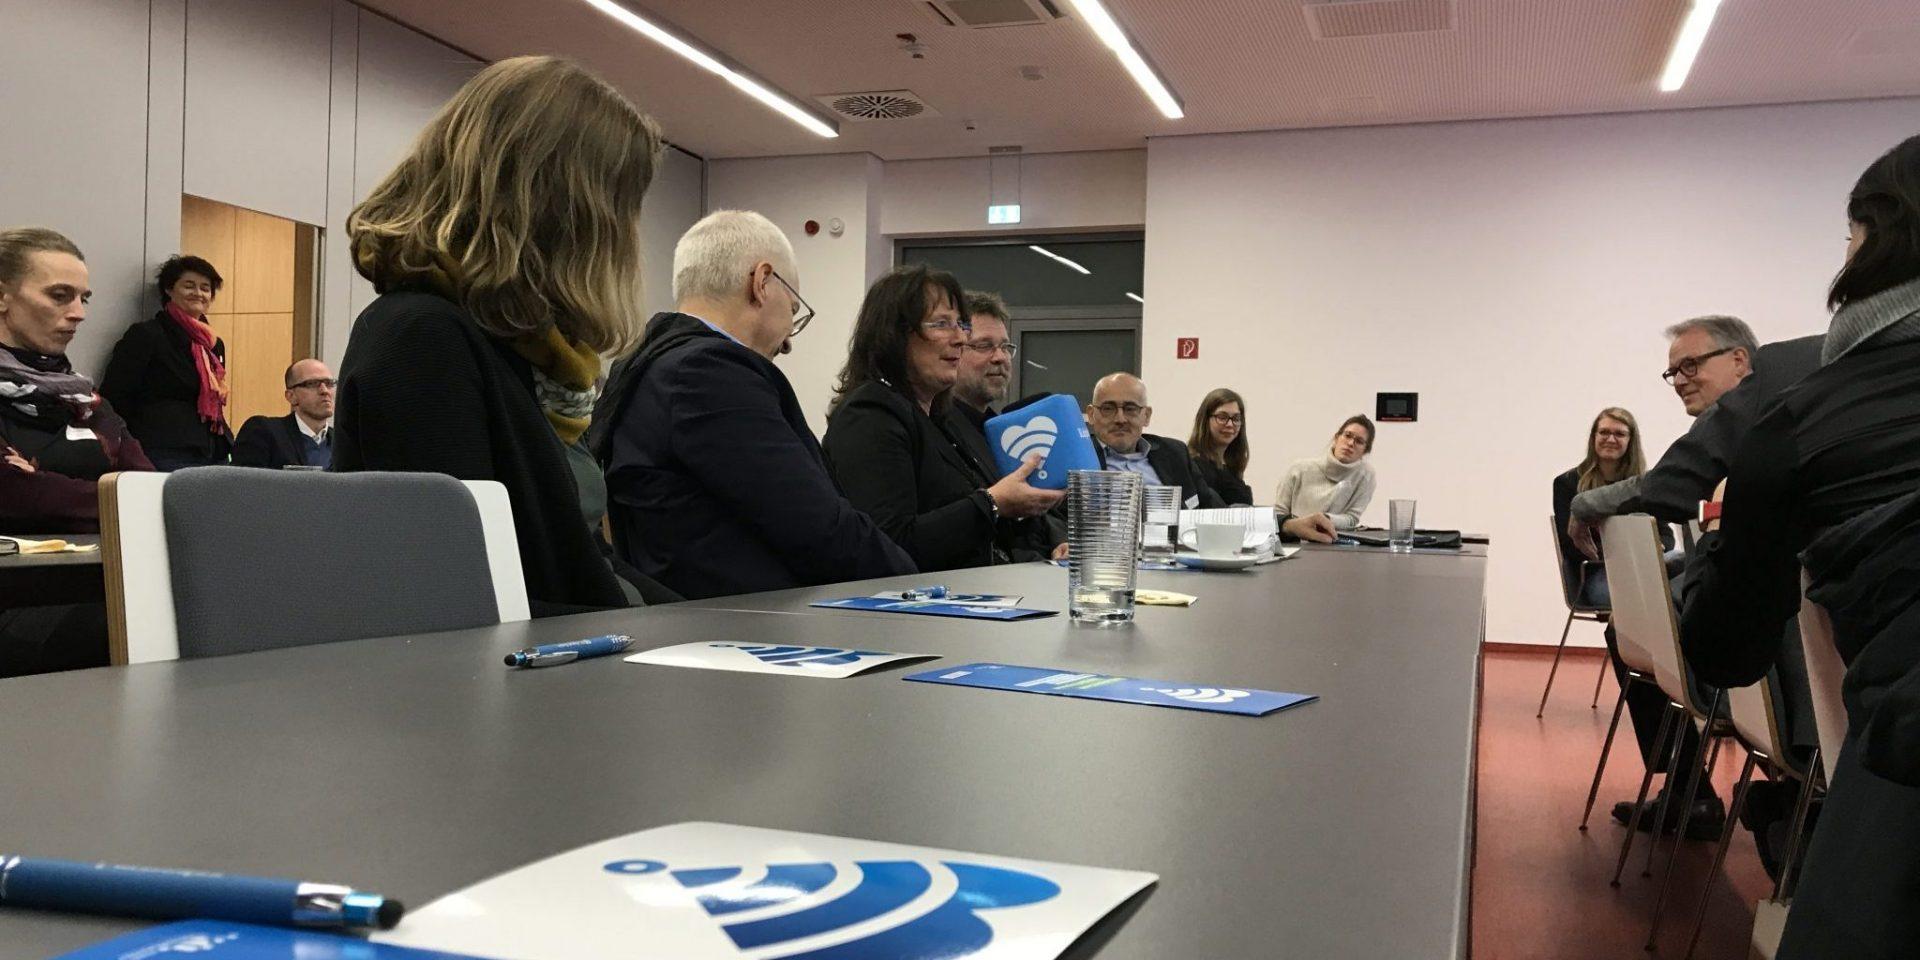 Mehrere Menschen sitzen in Tischreihen hintereinander. Eine Frau spricht in ein Mikrofon.